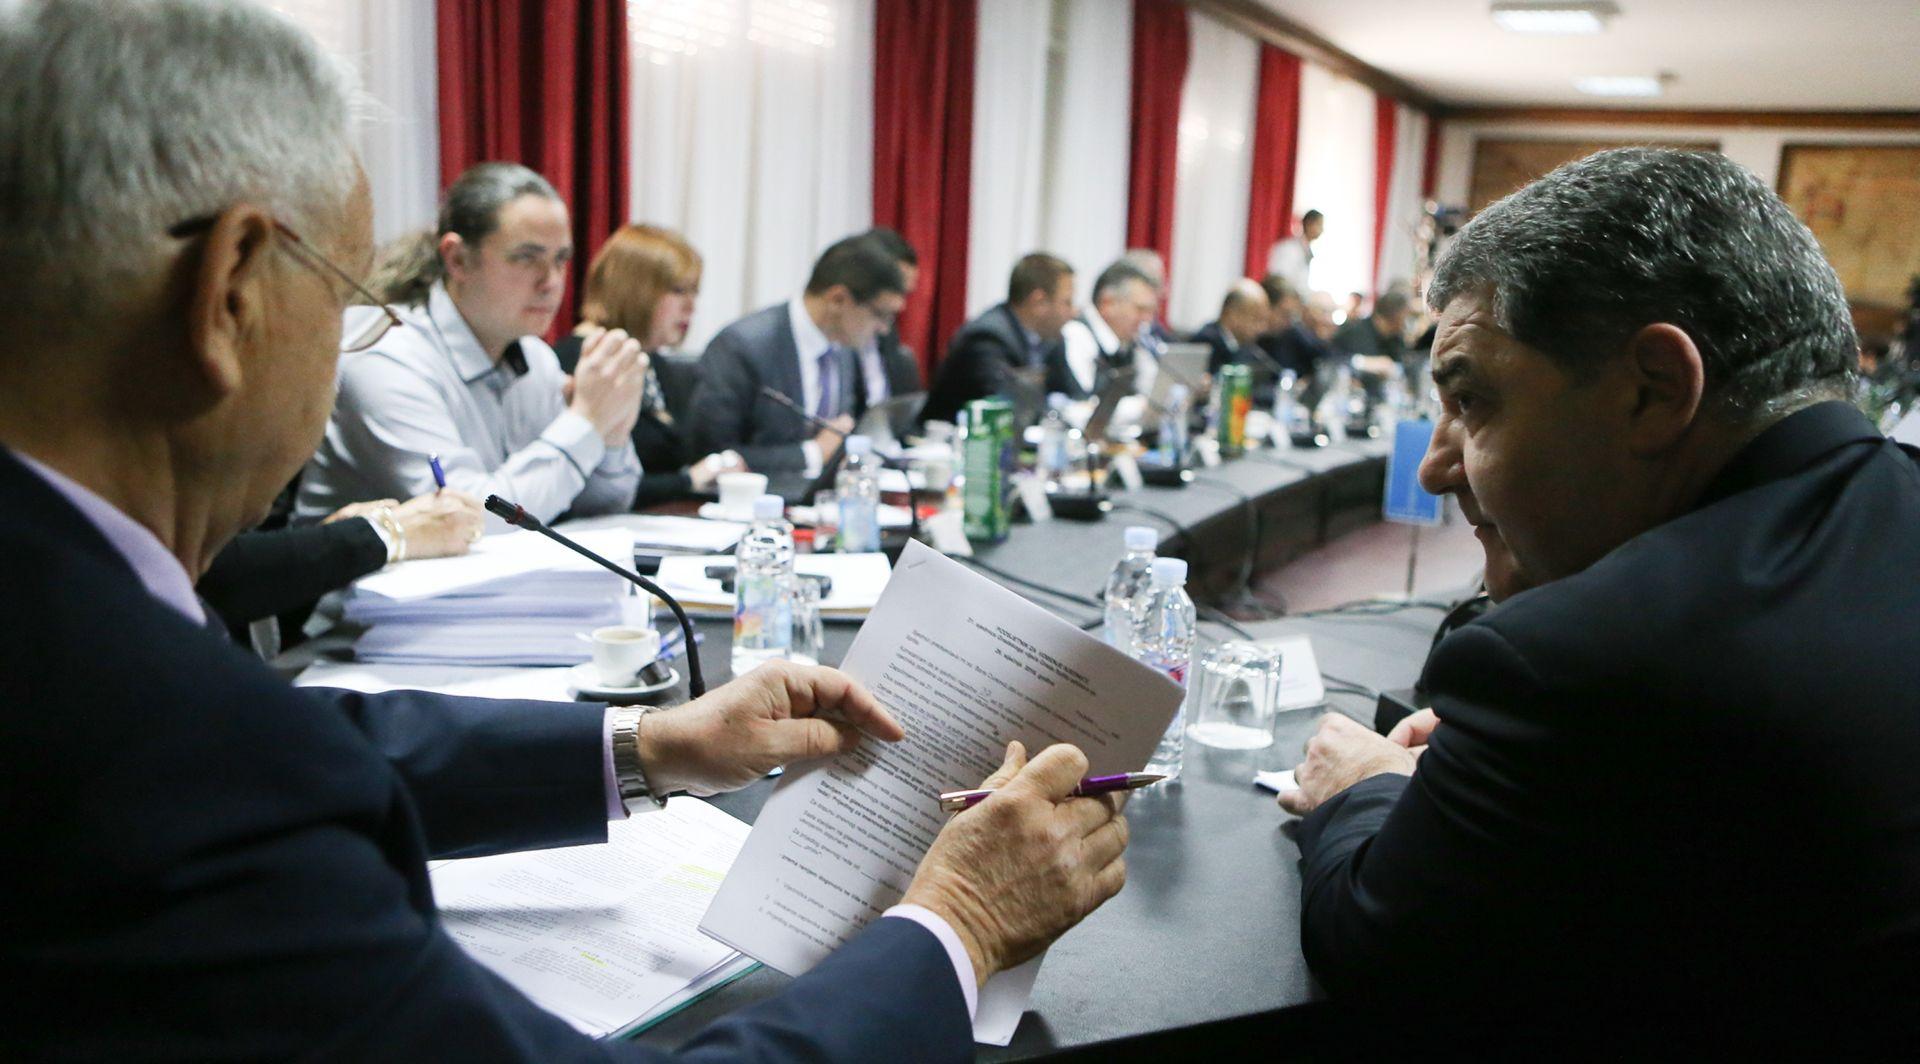 Splitsko Gradsko vijeće prihvatilo Baldasarevo izvješće o radu